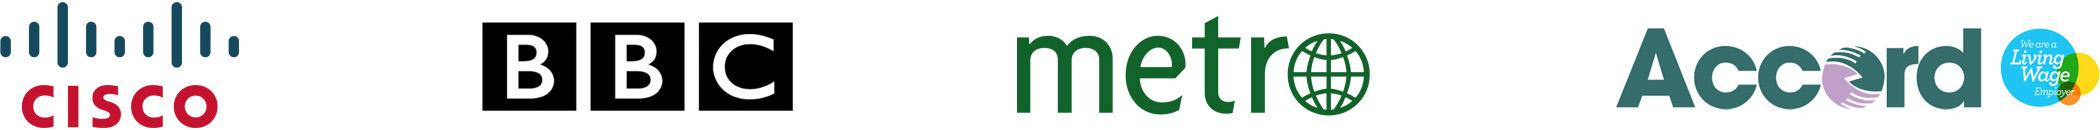 Webheads UX Logos